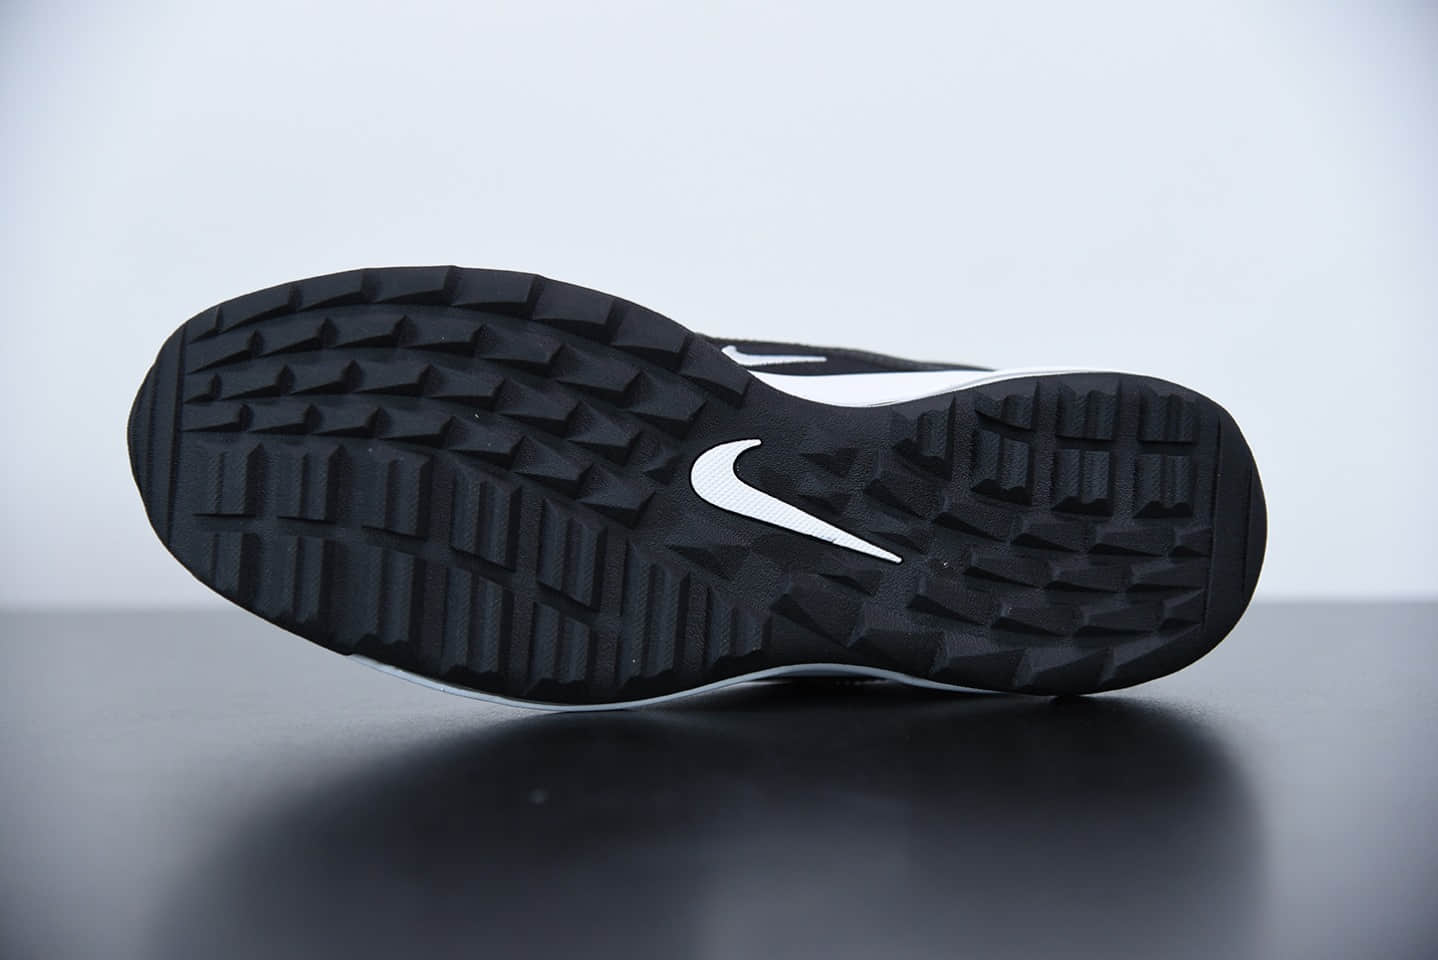 耐克Nike Wmns Air Max 97 Golf倒刺加厚大底复古气垫百搭休闲运动慢跑鞋纯原版本 货号:CI7538-002